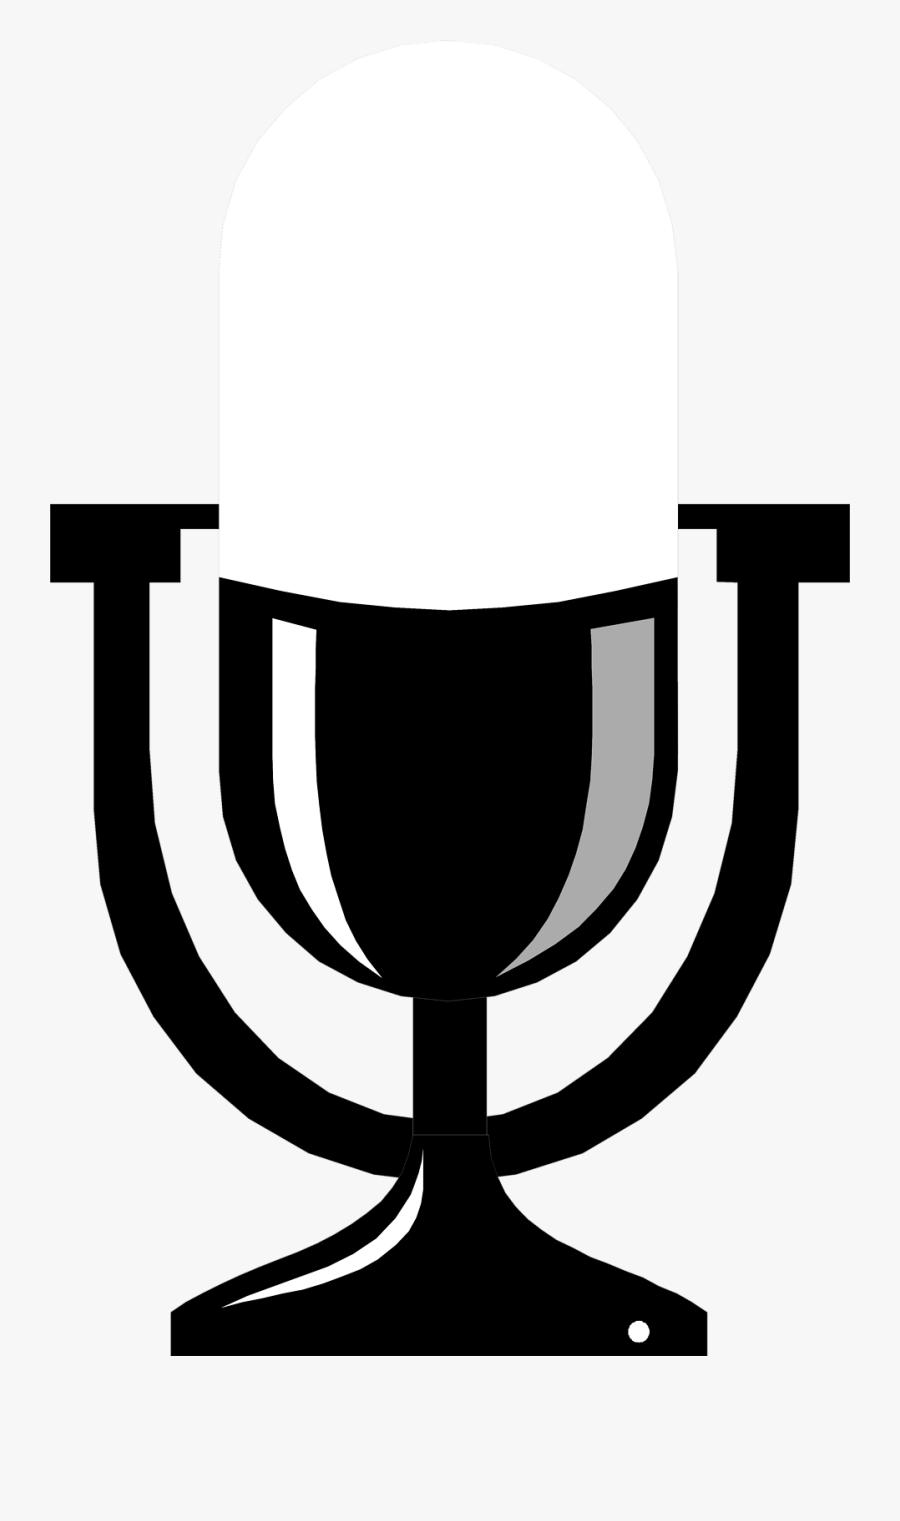 10 4 Cb Radio - Radio Microphone Clip Art, Transparent Clipart